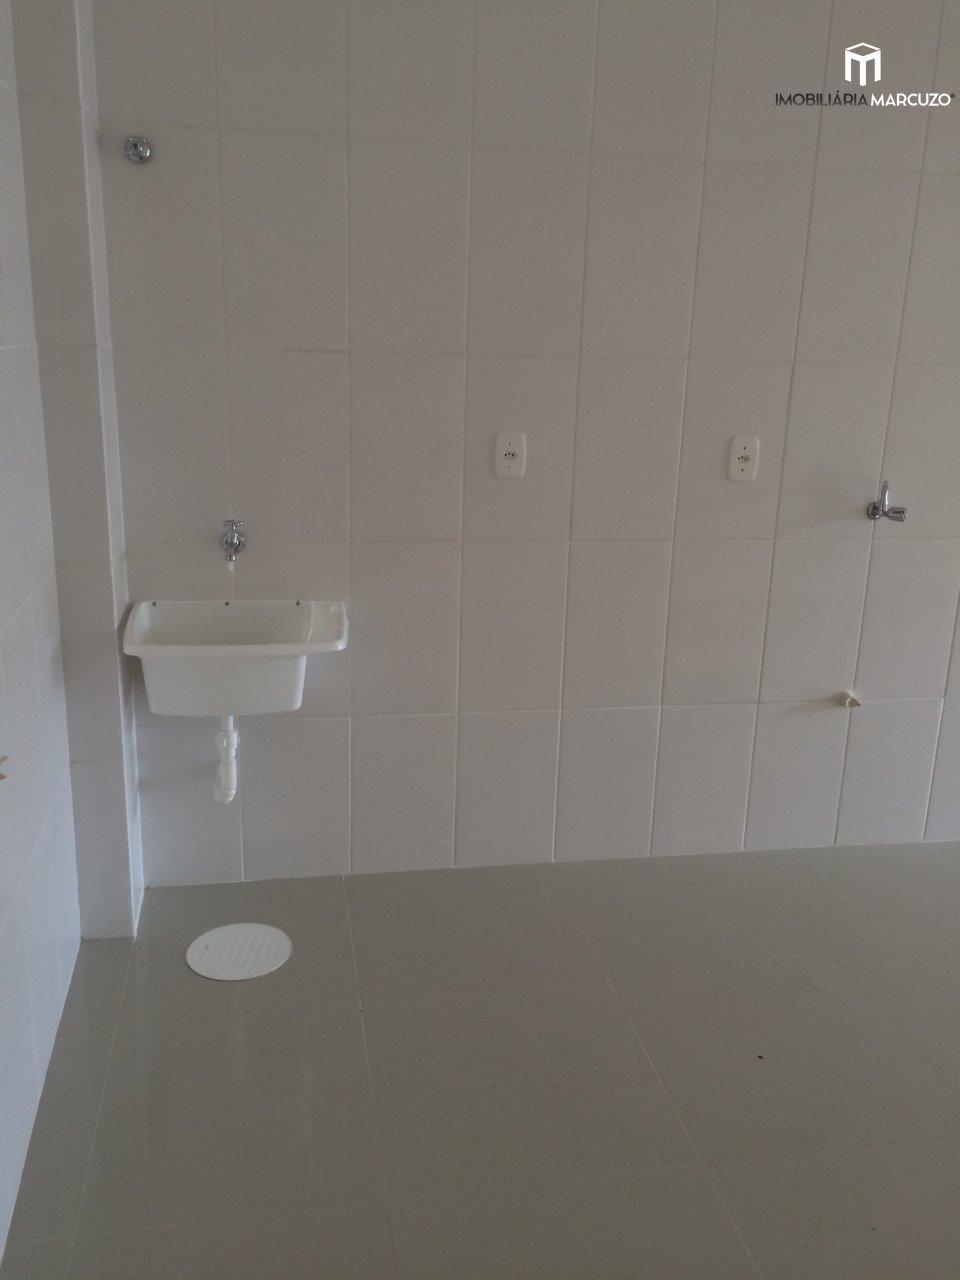 Kitinets/conjugados com 1 Dormitórios à venda, 32 m² por R$ 142.000,00